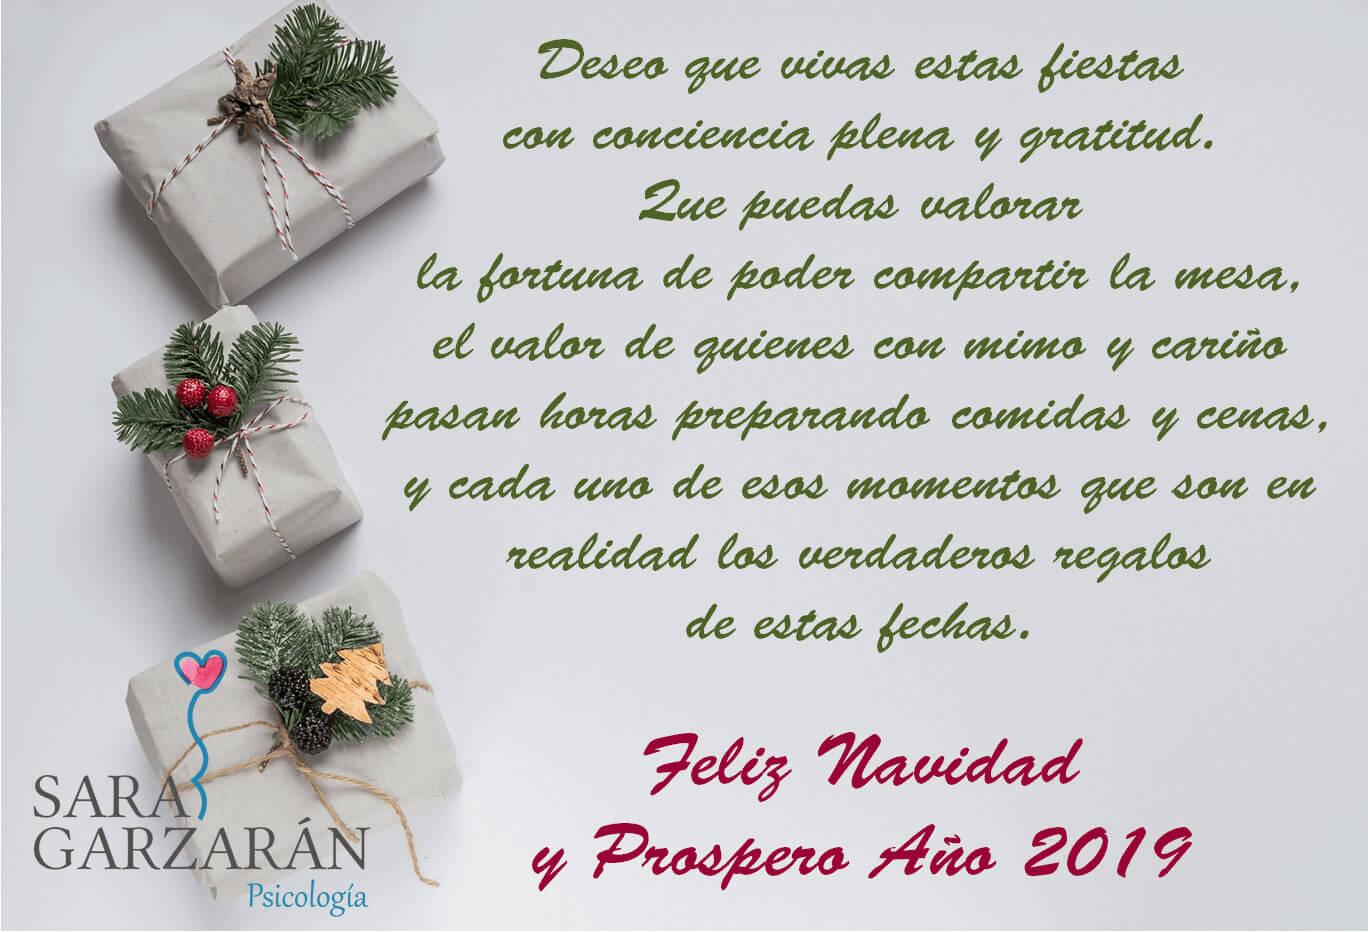 Feliz Navidad y Próspero Año 2019. Sara Garzarán Psicología. Las Rozas